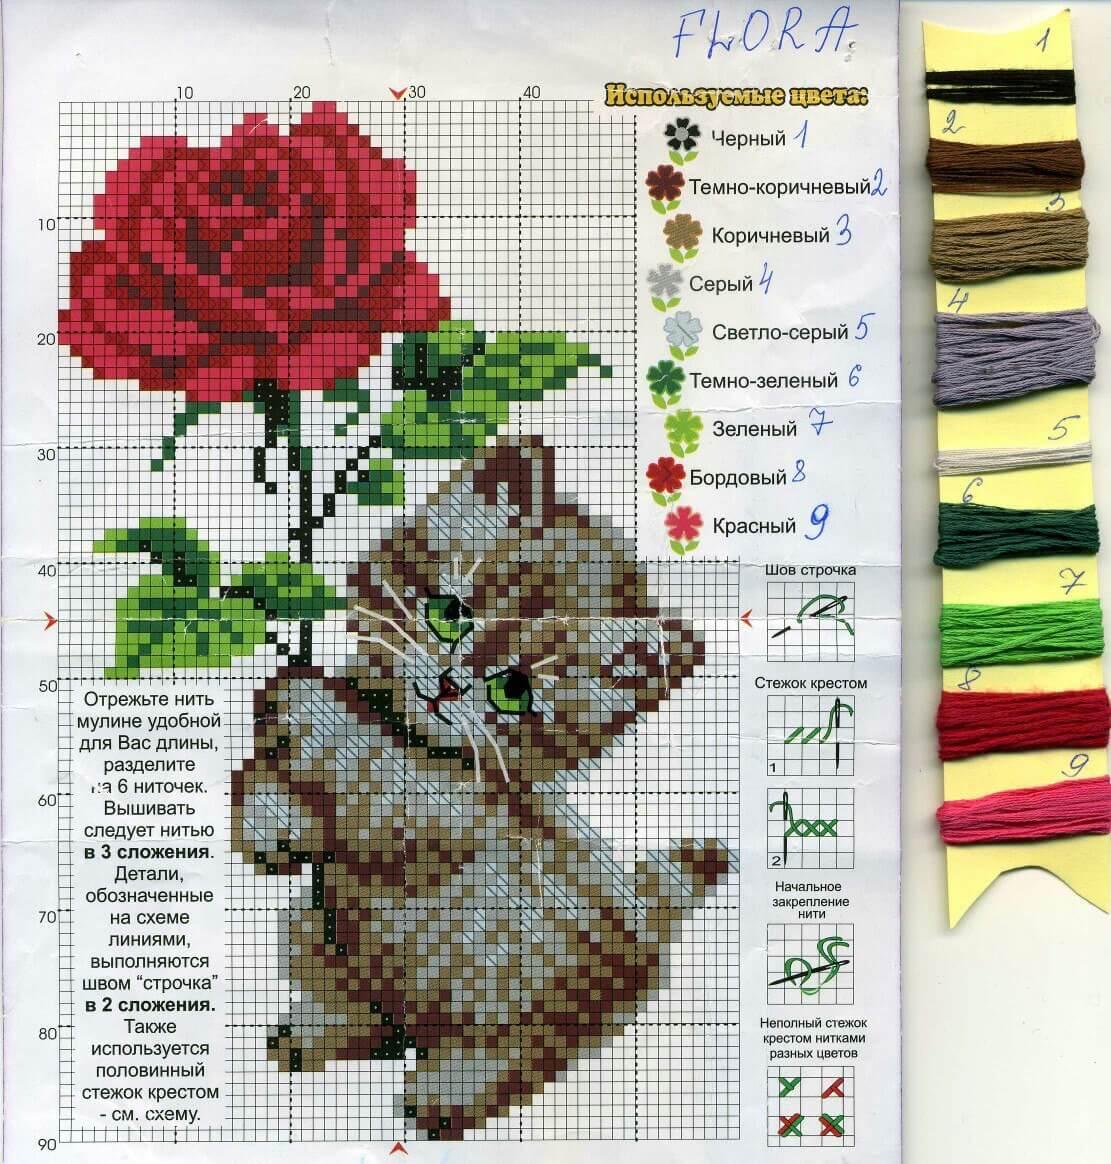 Авторские бумажные схемы для вышивки рушников, вышиванок 69